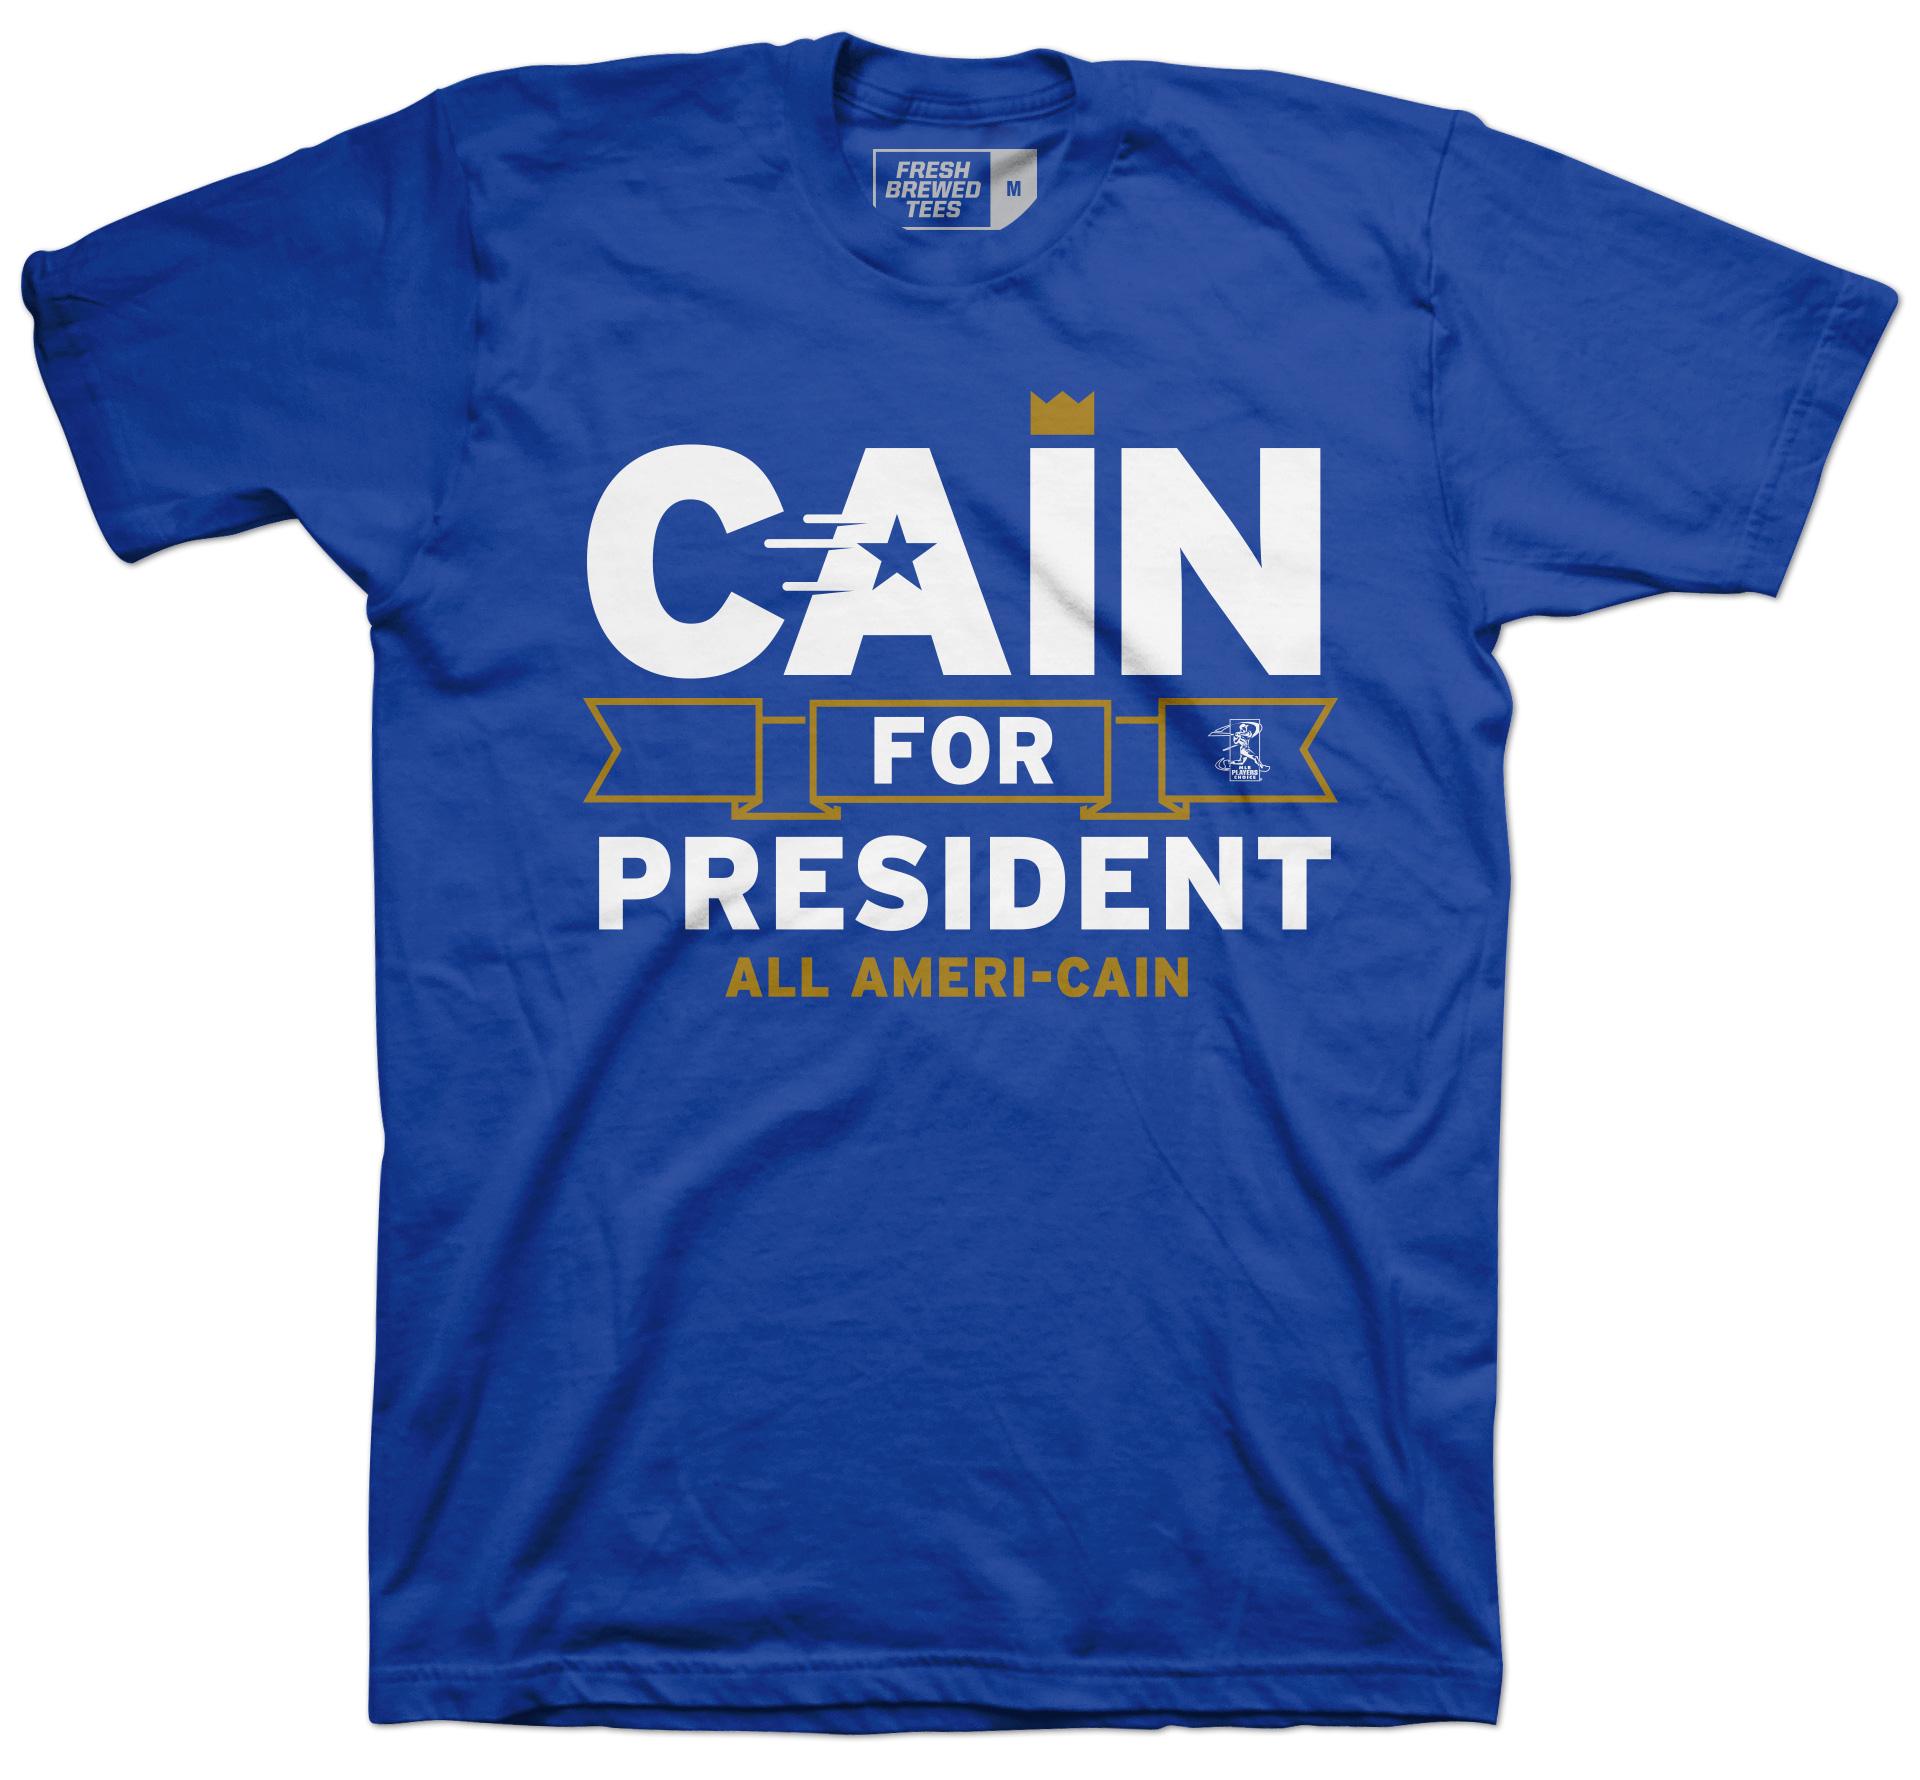 MLB0316_Cain-for-President 2.jpg